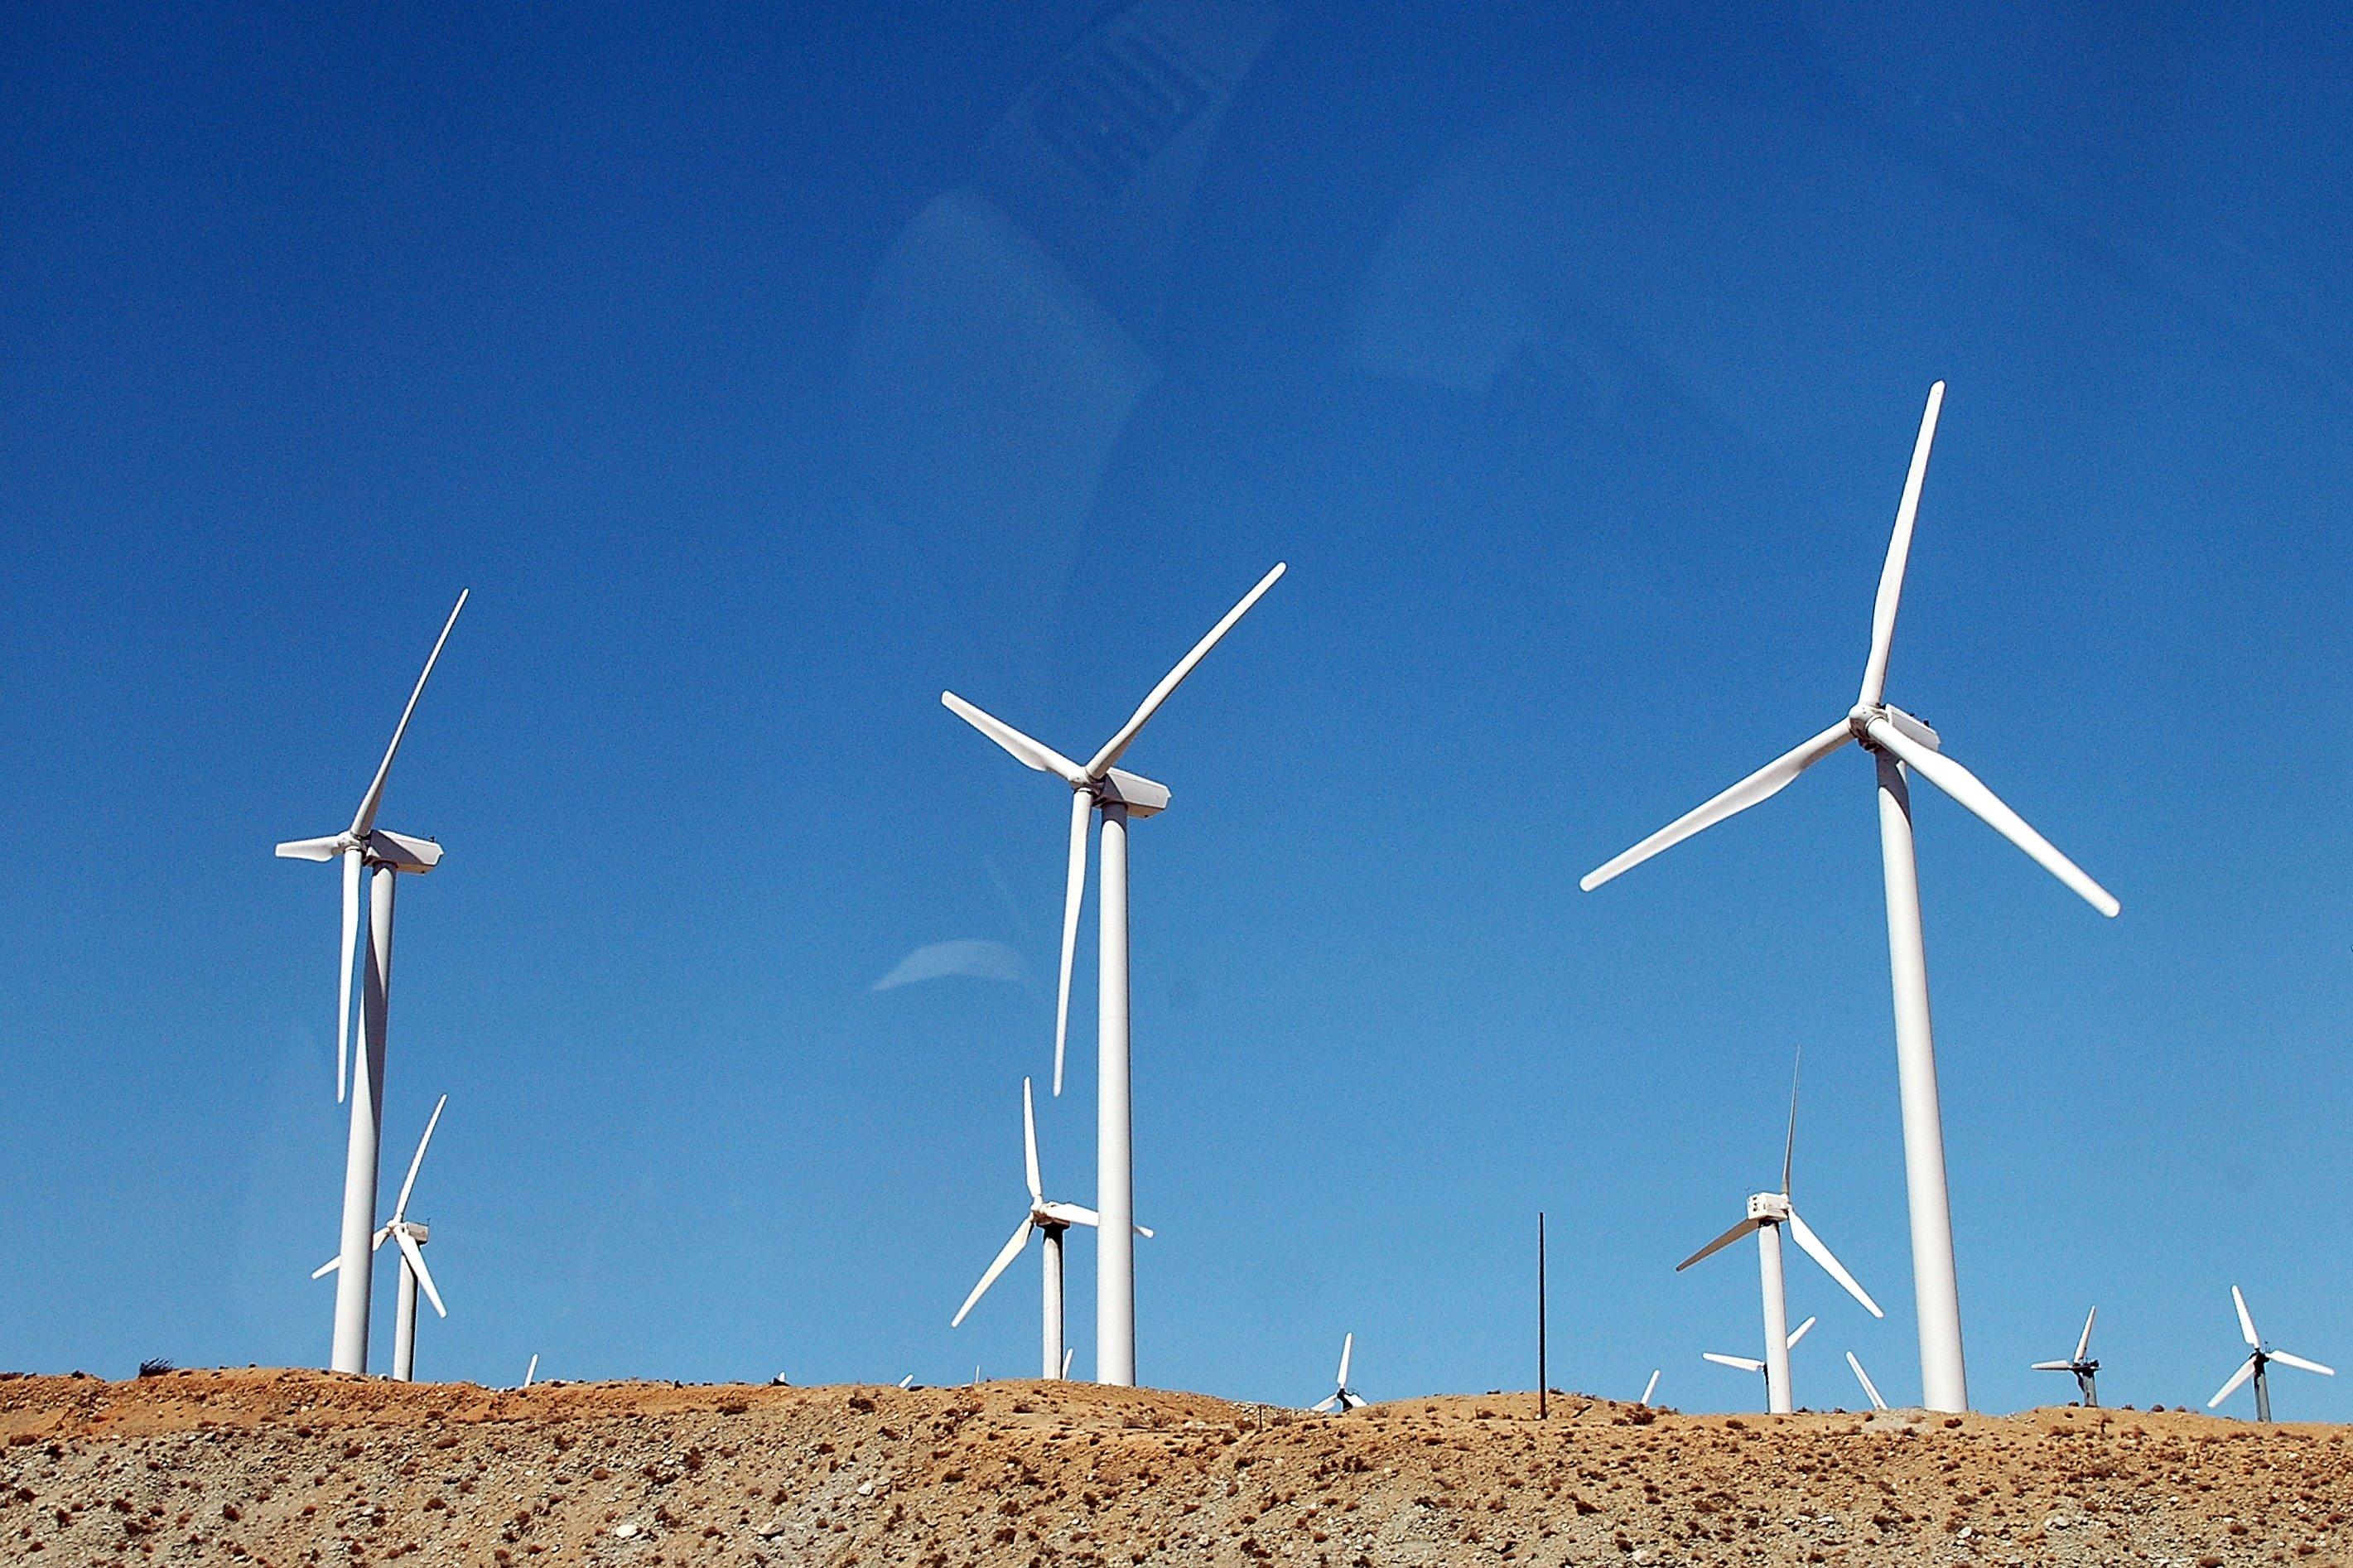 Wind Turbines The impact of wind turbines